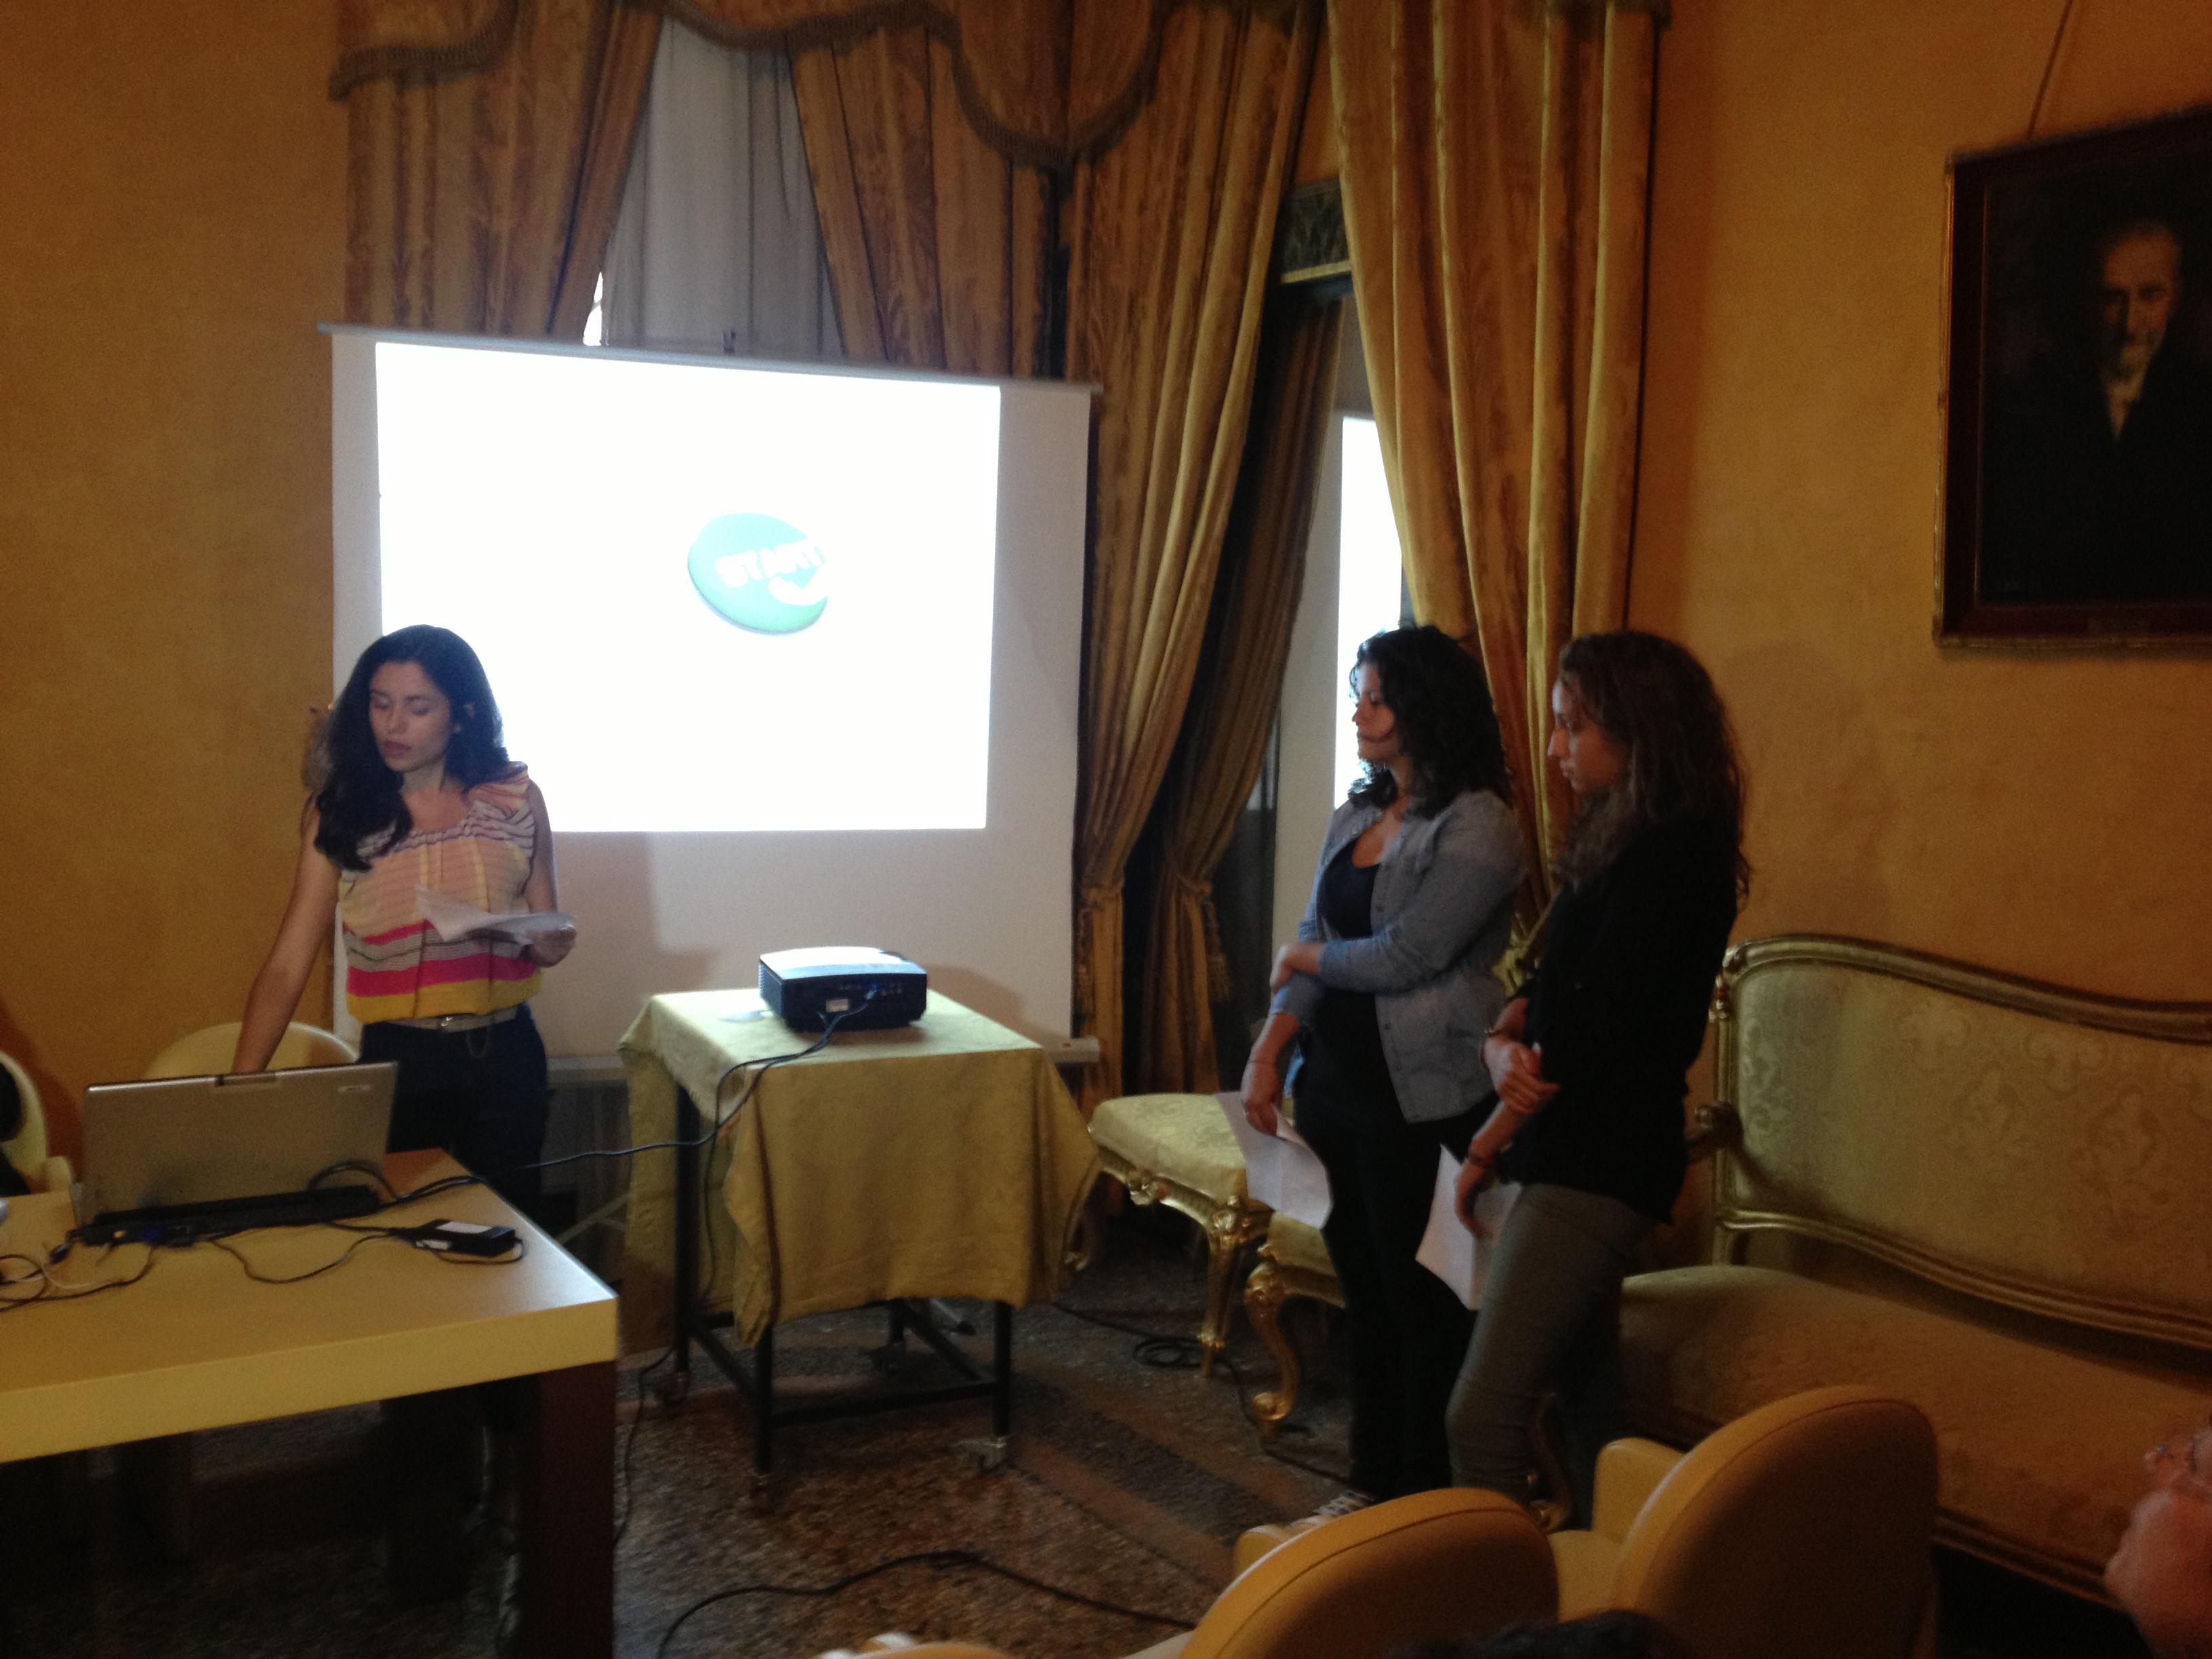 presentazione progetto scuola fazzini mercantini